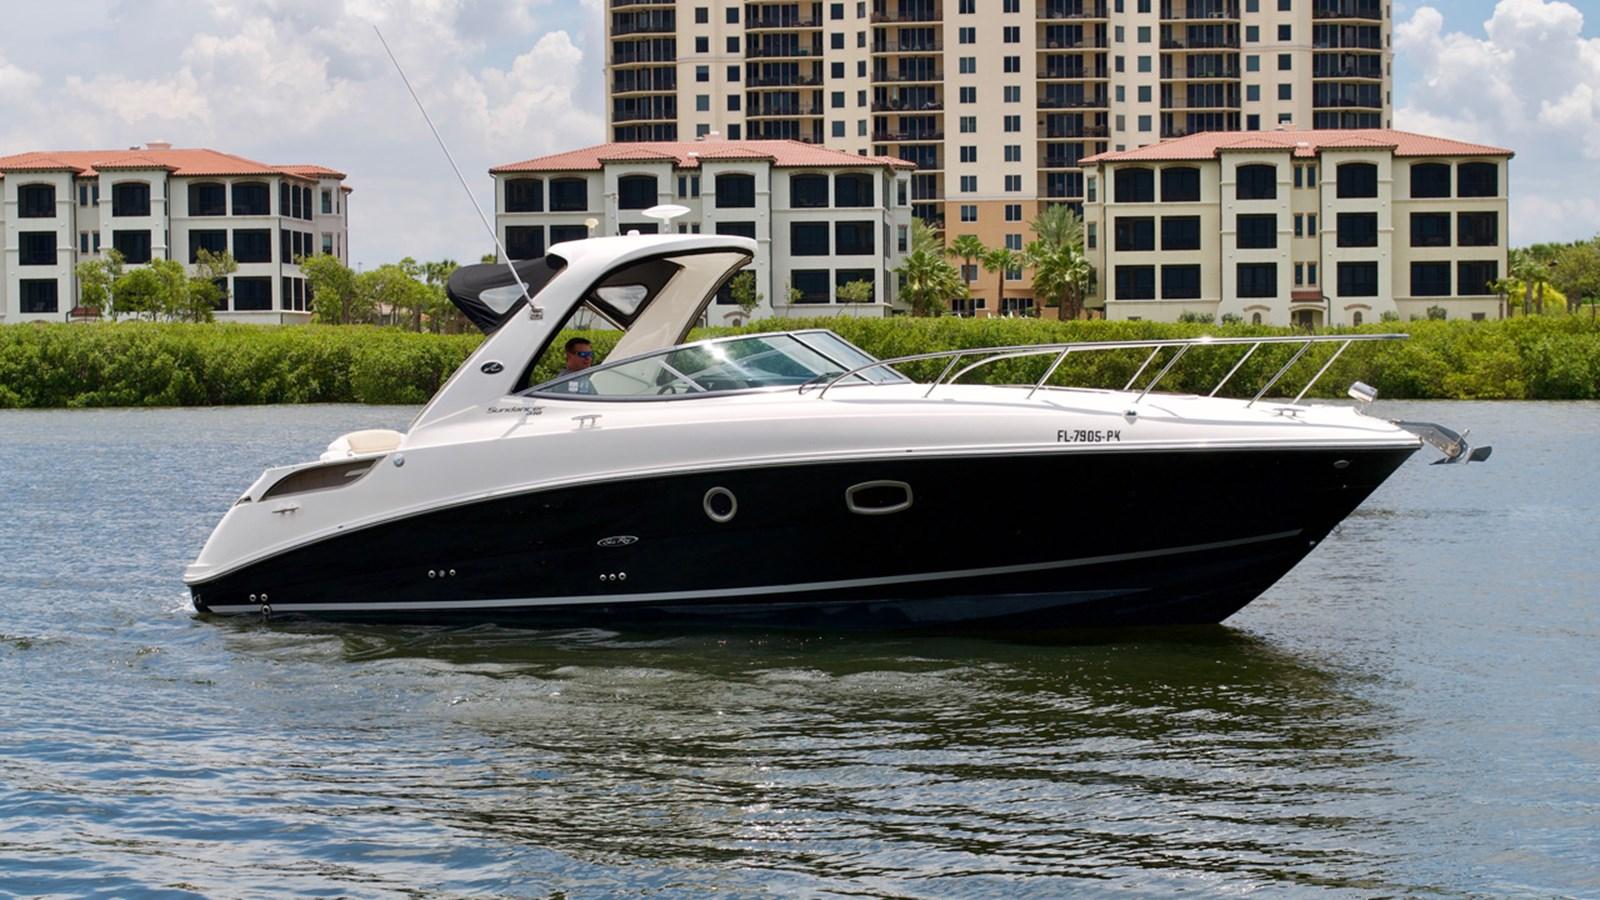 2010 SEA RAY 310 Sundancer For Sale